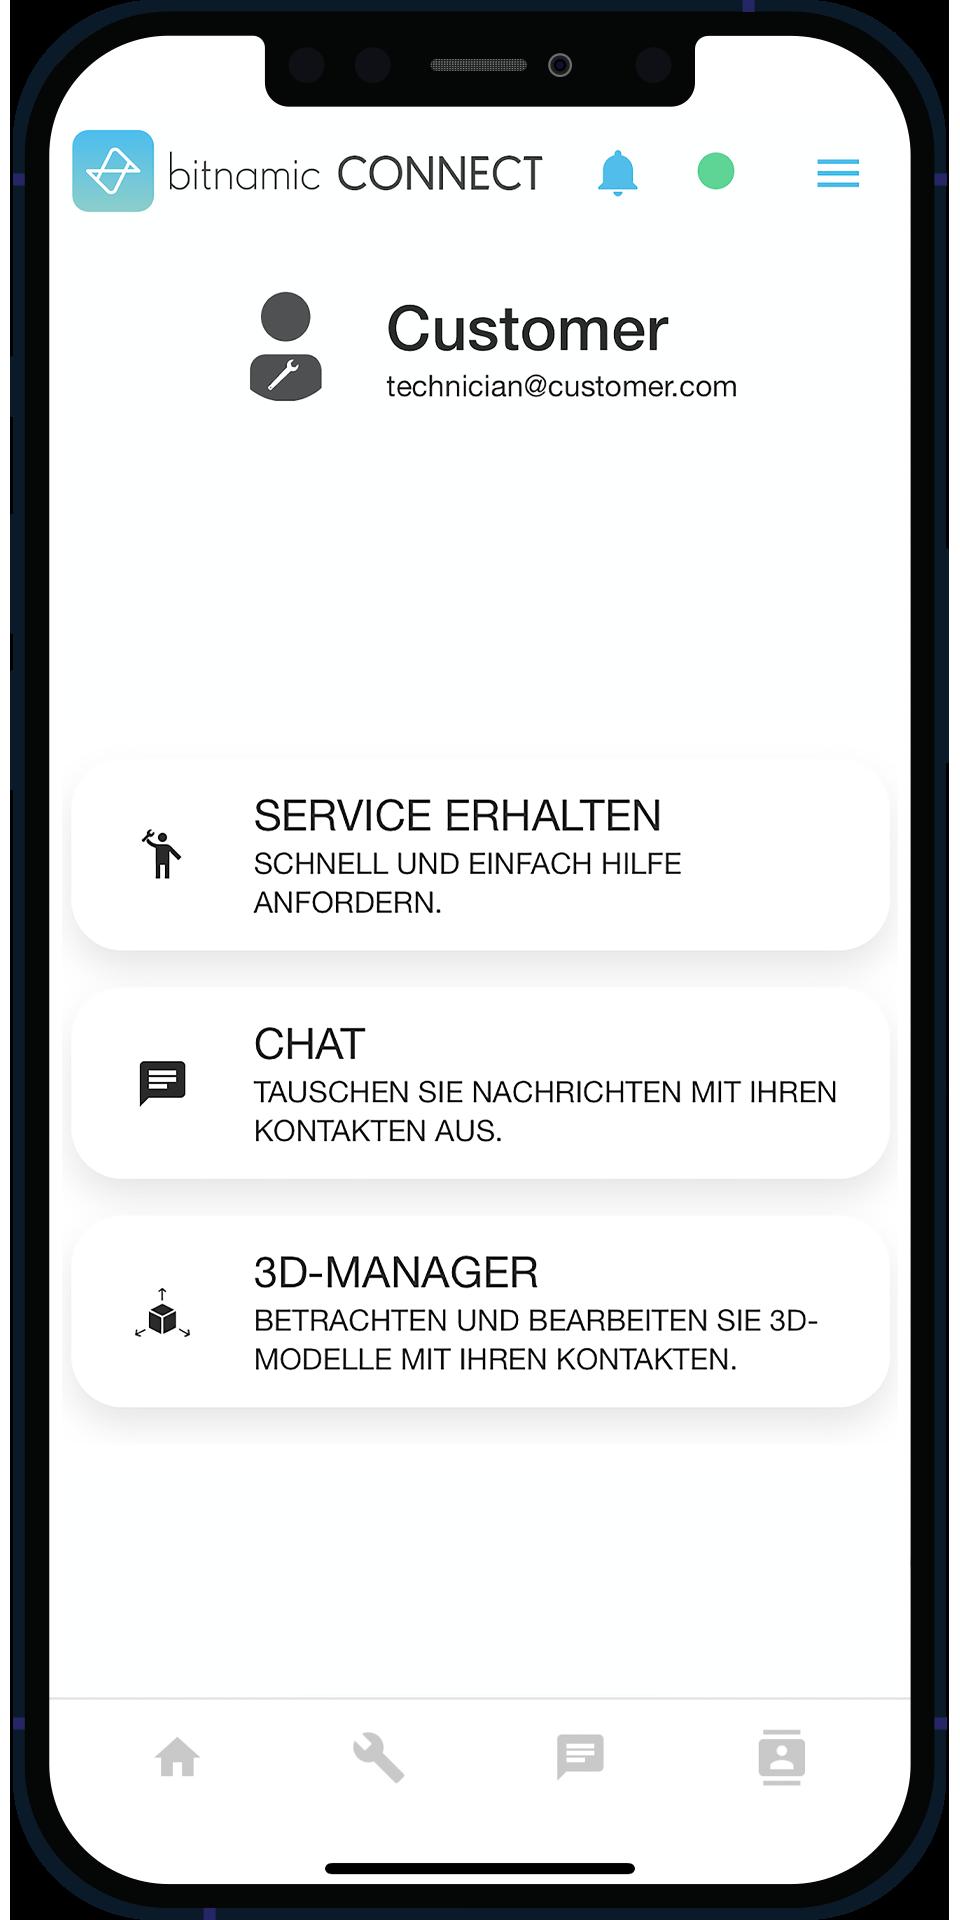 bitnamic CONNECT App